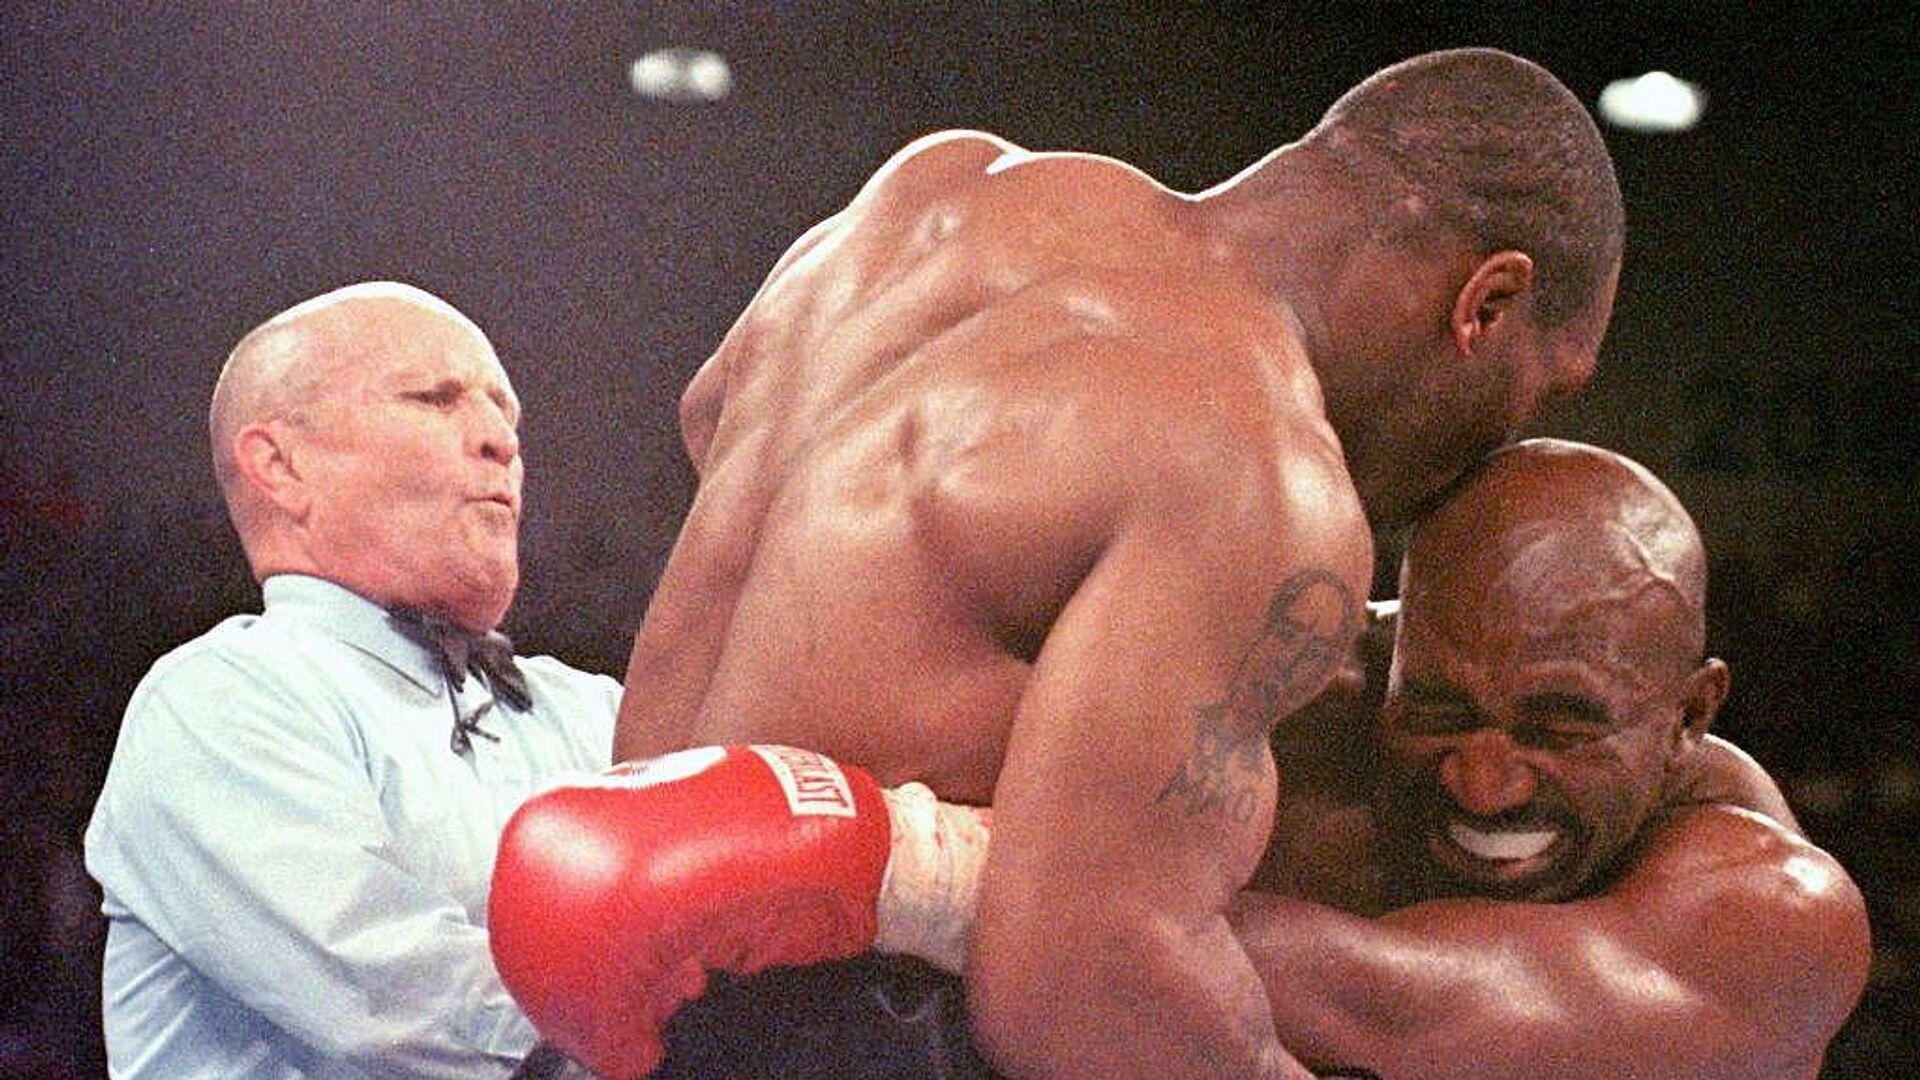 El día que Mike Tyson le mordió la oreja a Evander Holyfield - Sputnik Mundo, 1920, 28.06.2021